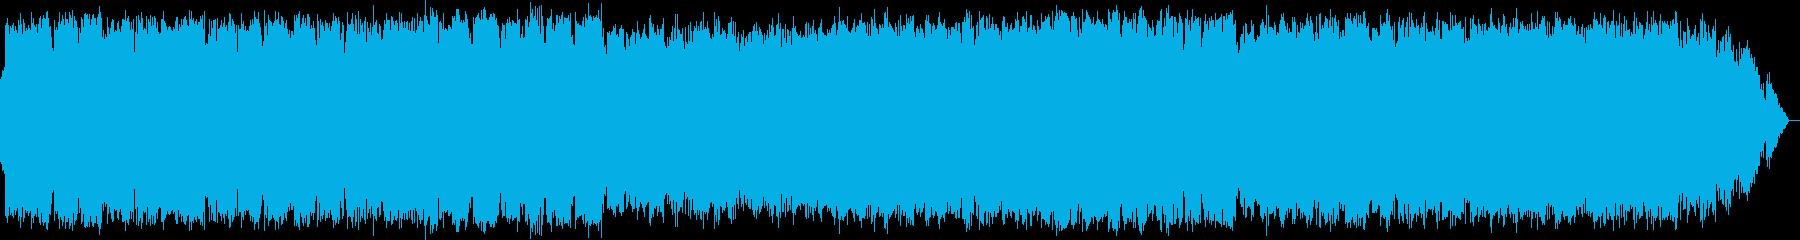 のどかで爽やかな竹笛のヒーリング音楽の再生済みの波形